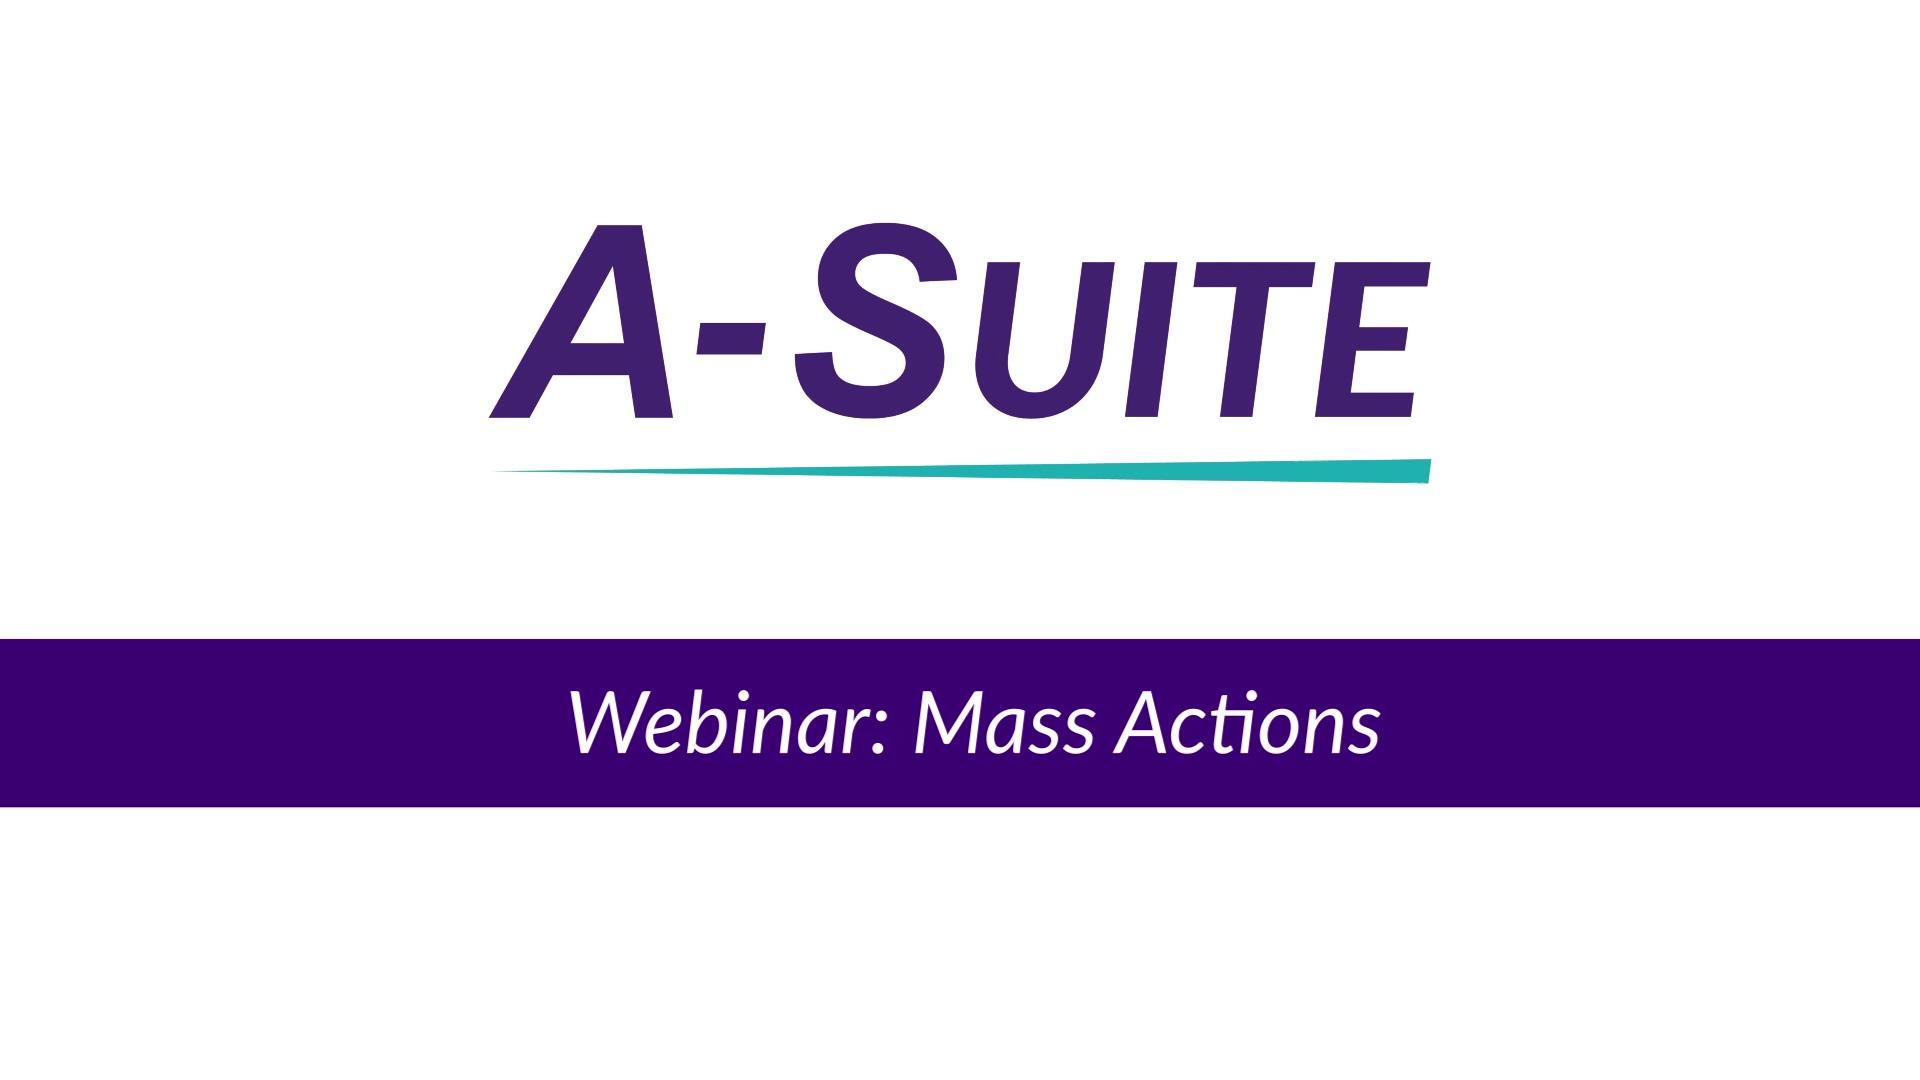 9-26-19_Mass_Actions_Webinar